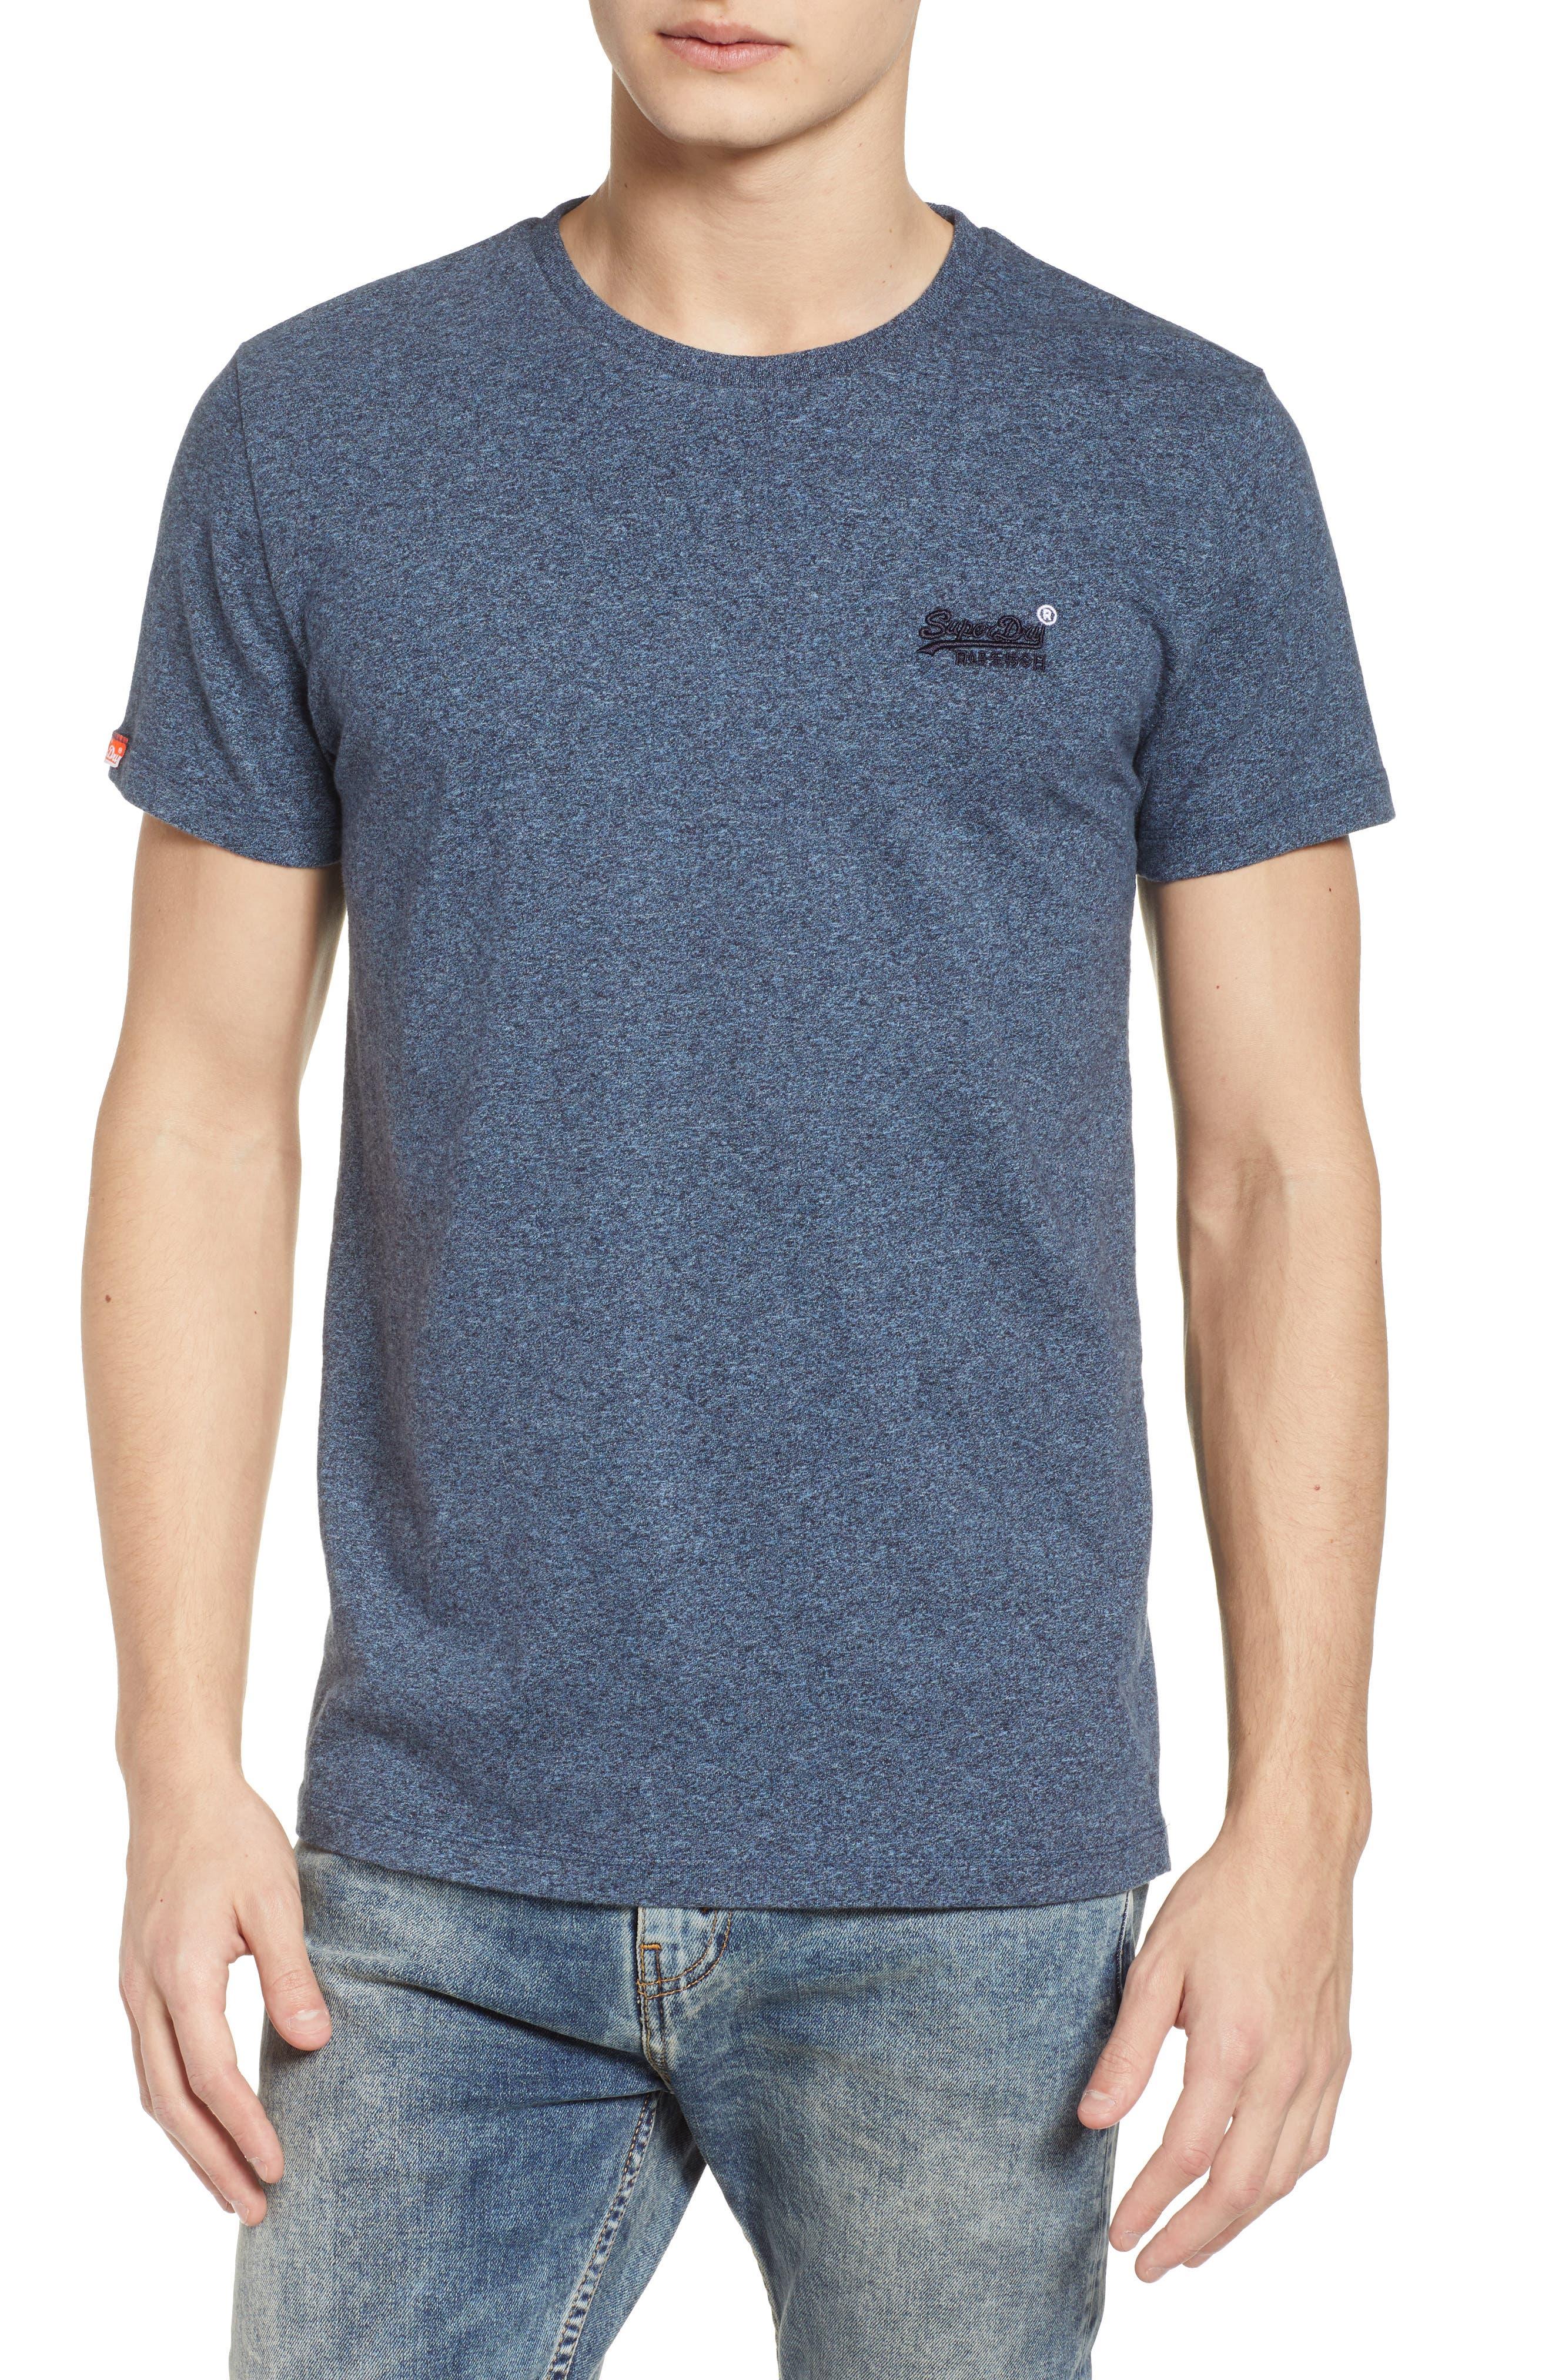 Main Image - Superdry Orange Label Vintage T-Shirt